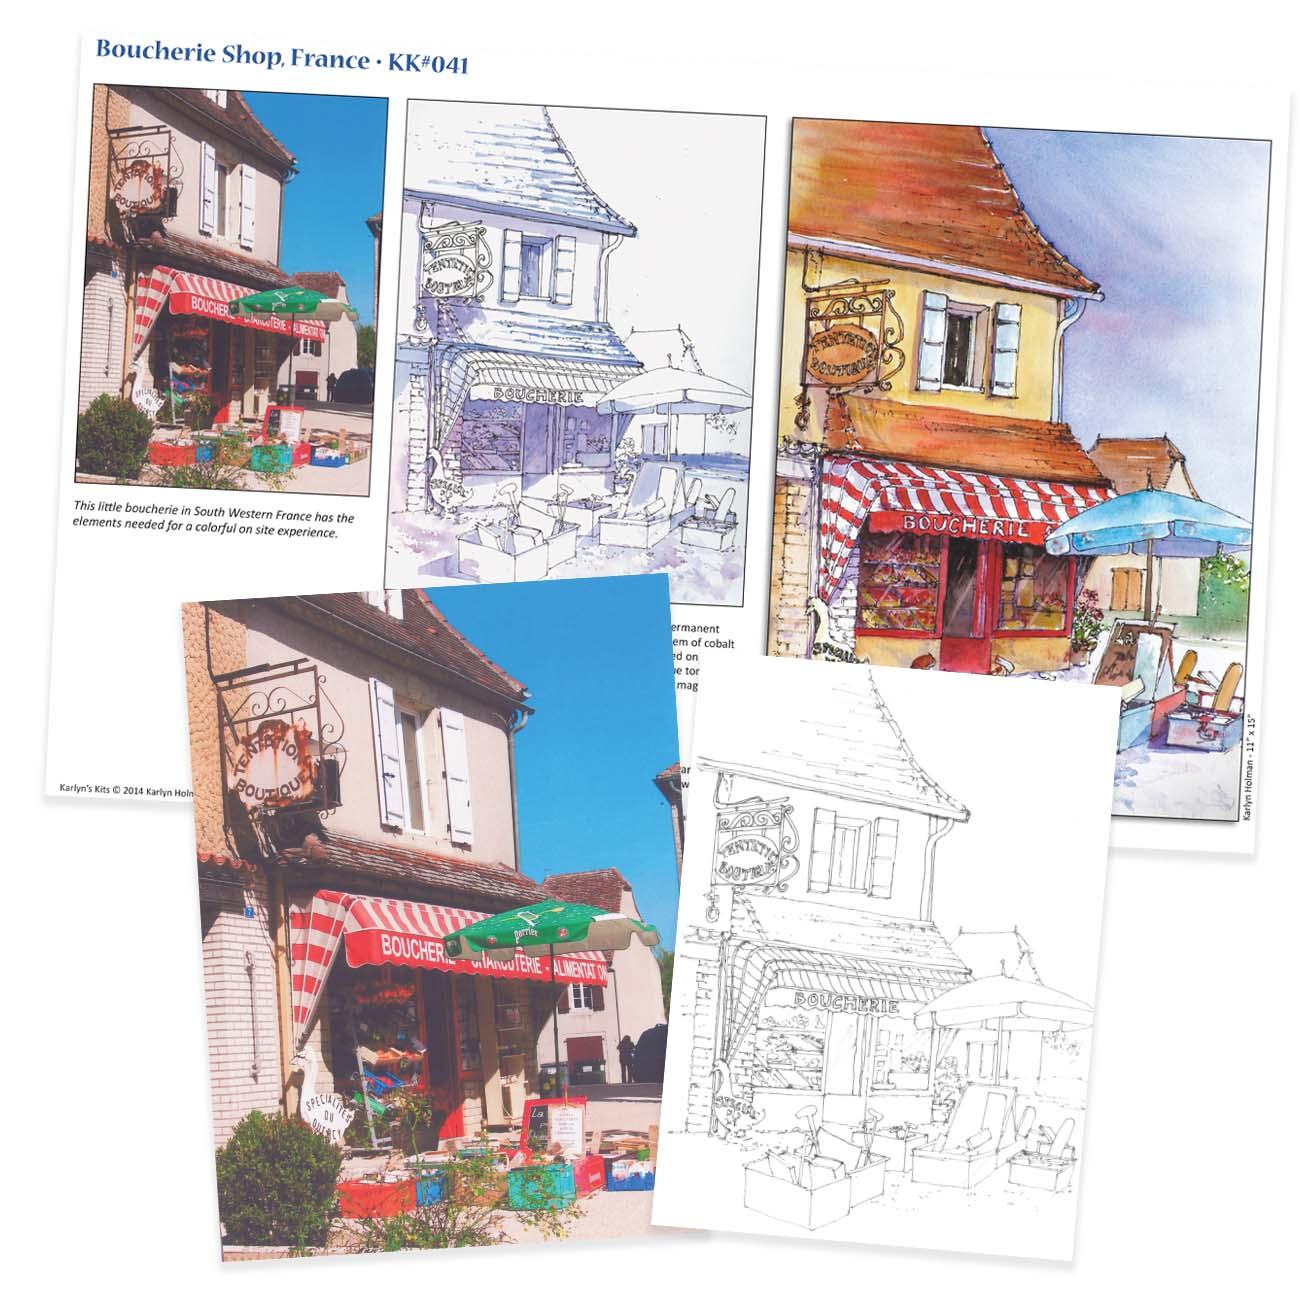 KK041 Boucherie Shop, France